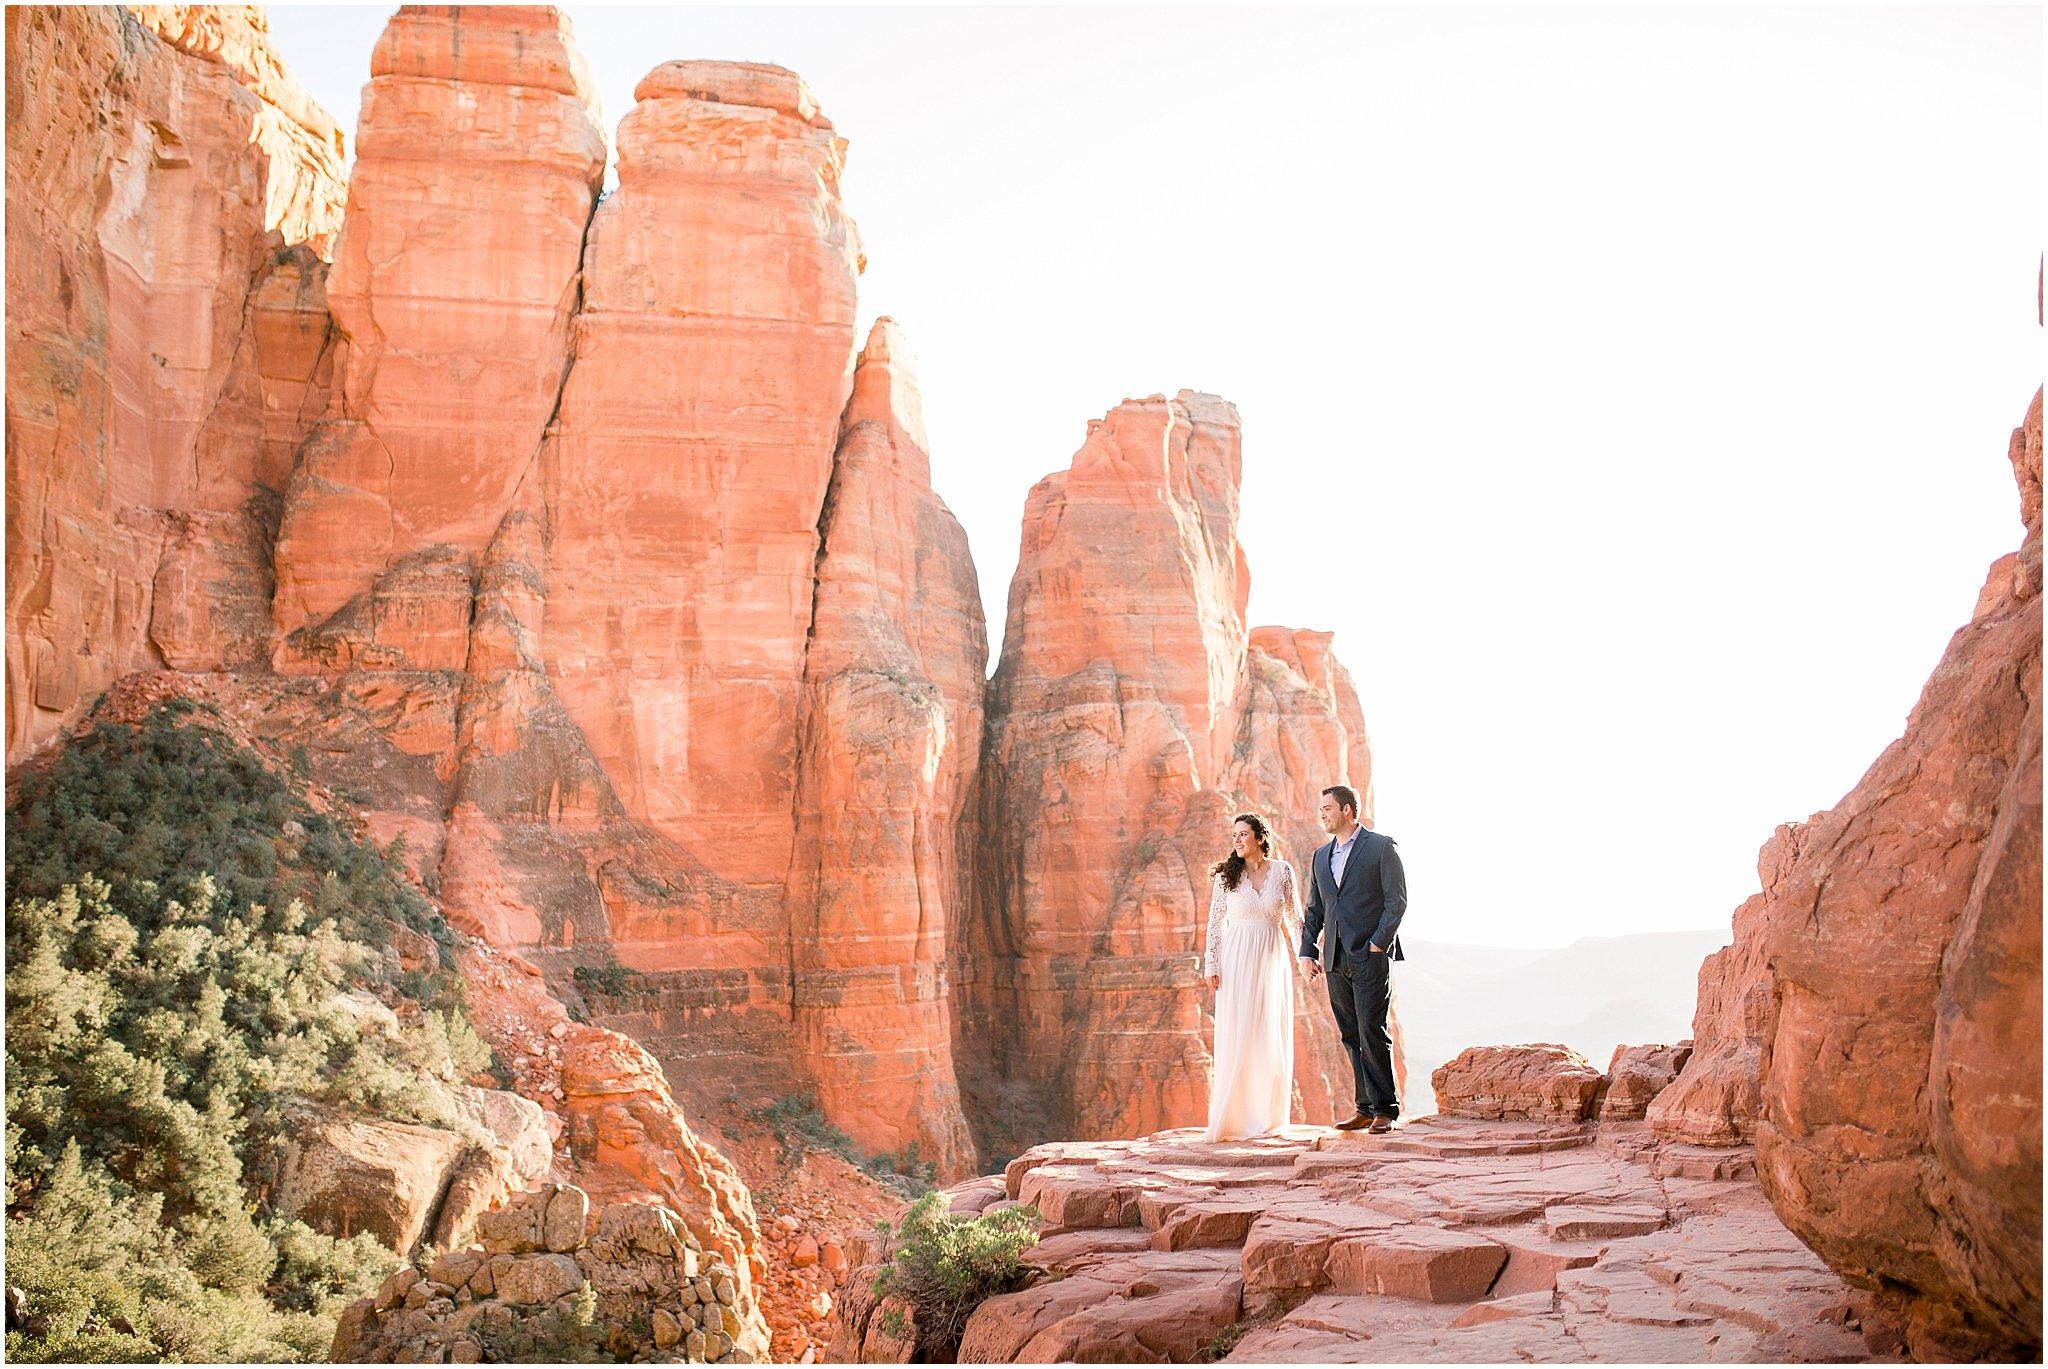 sedona-arizona-engagement-photographer_0021.jpg